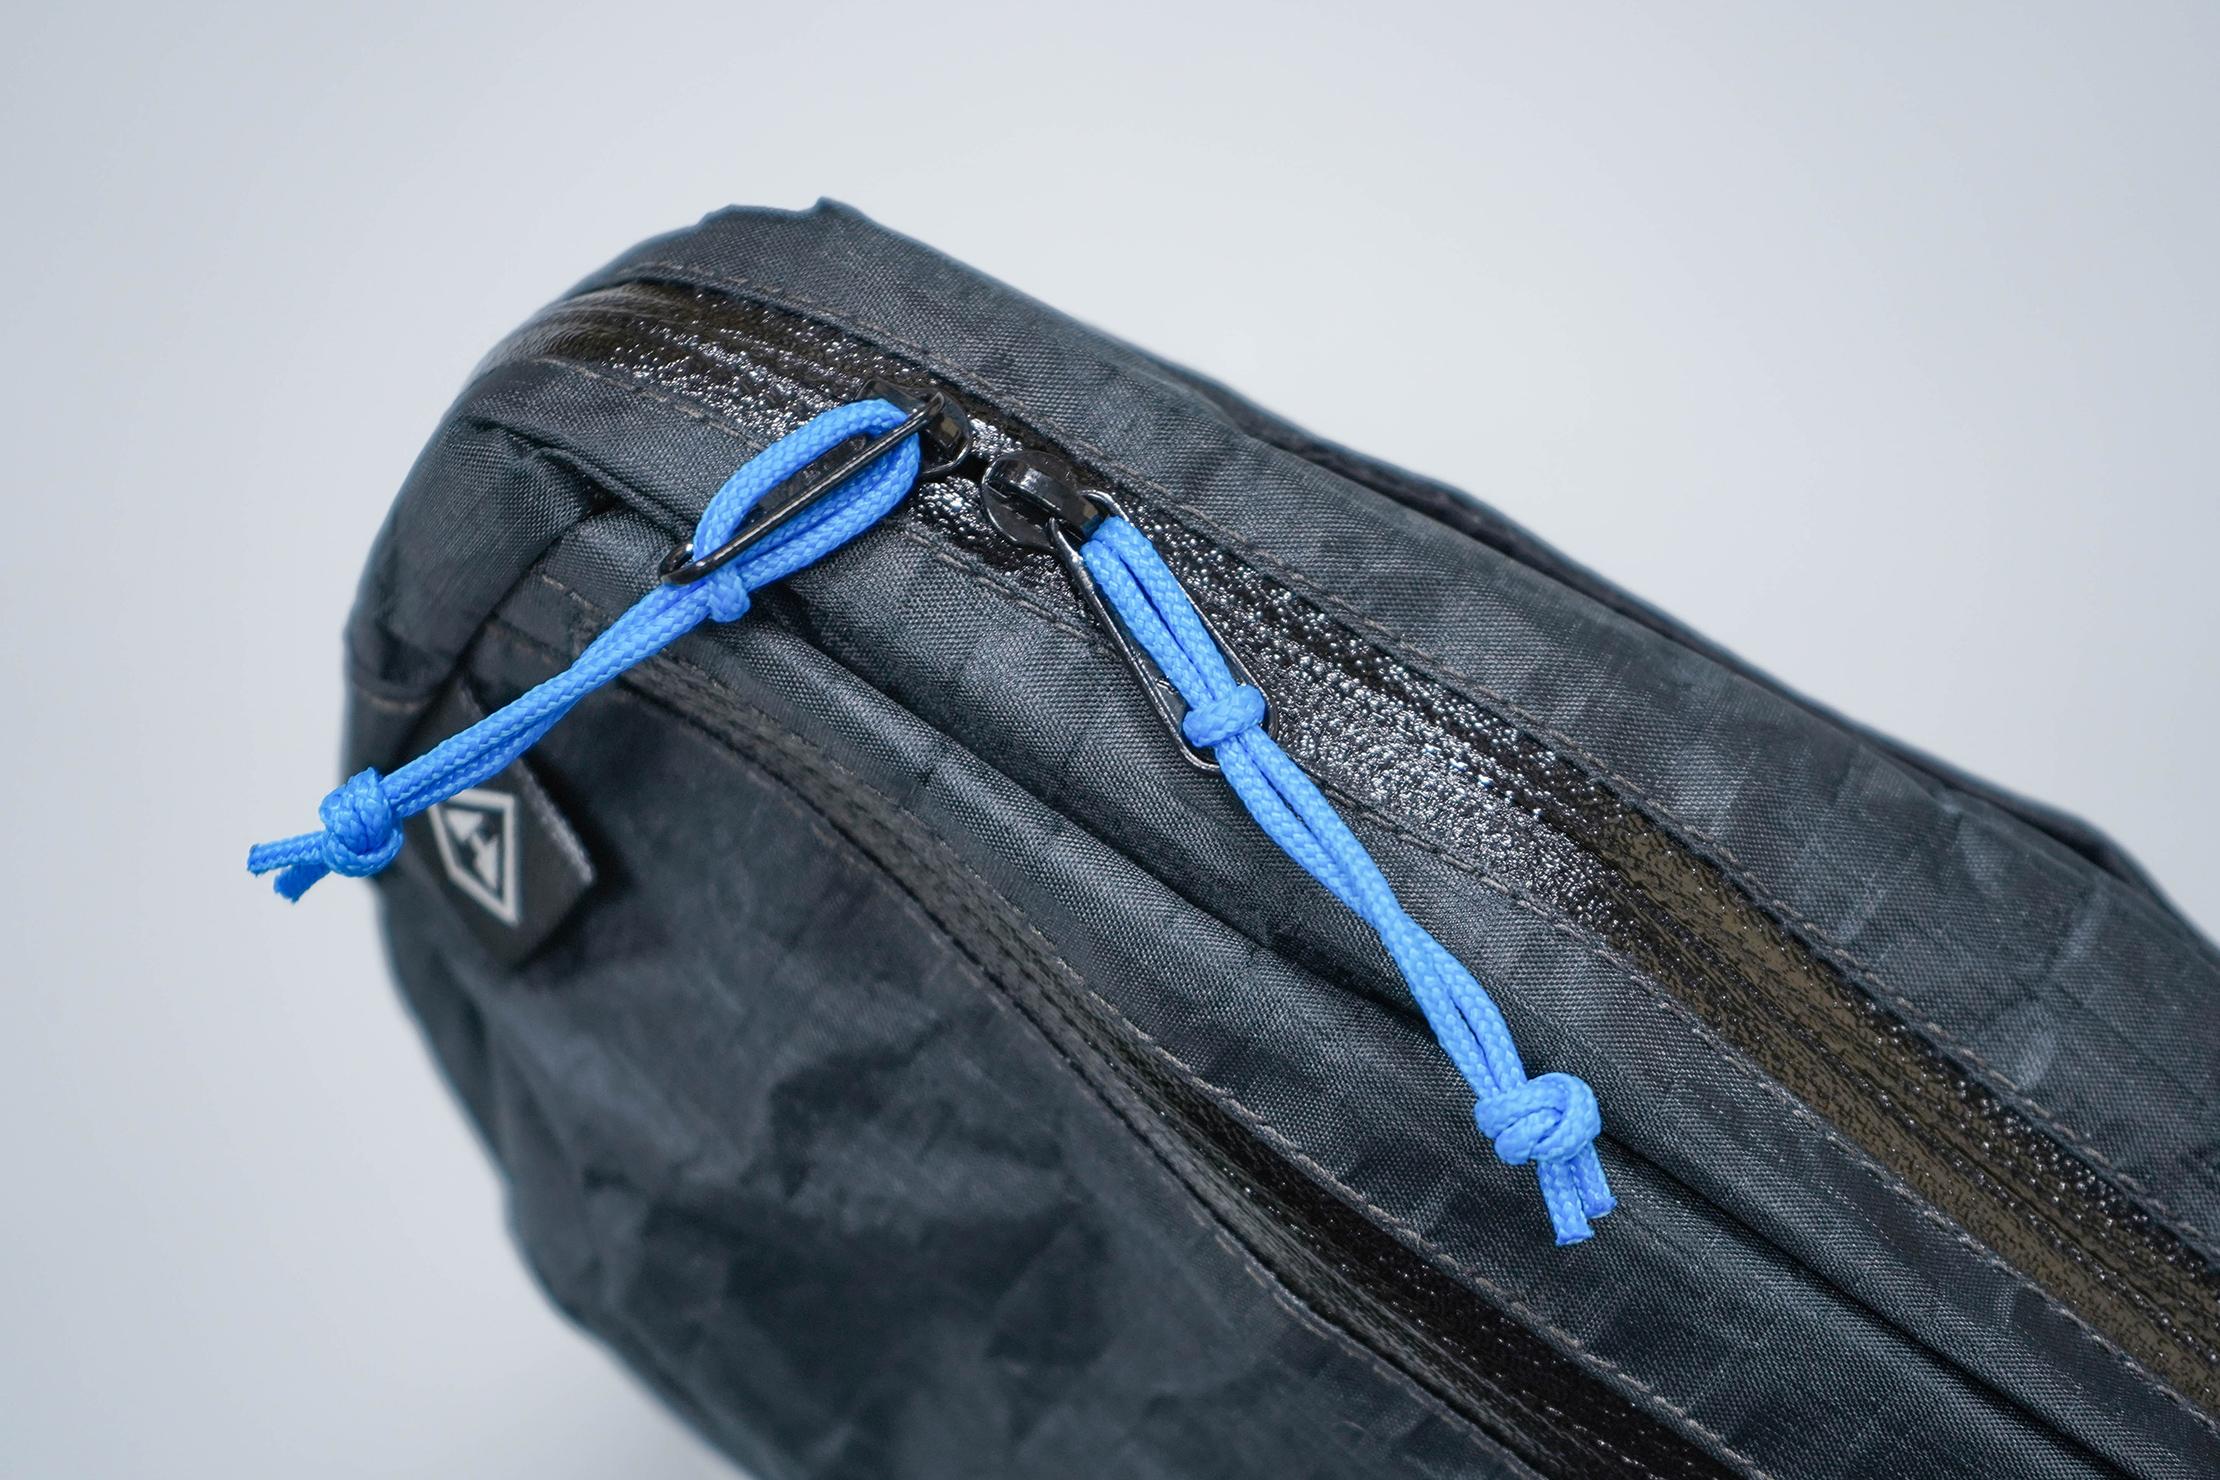 Hyperlite Mountain Gear Versa Zipper